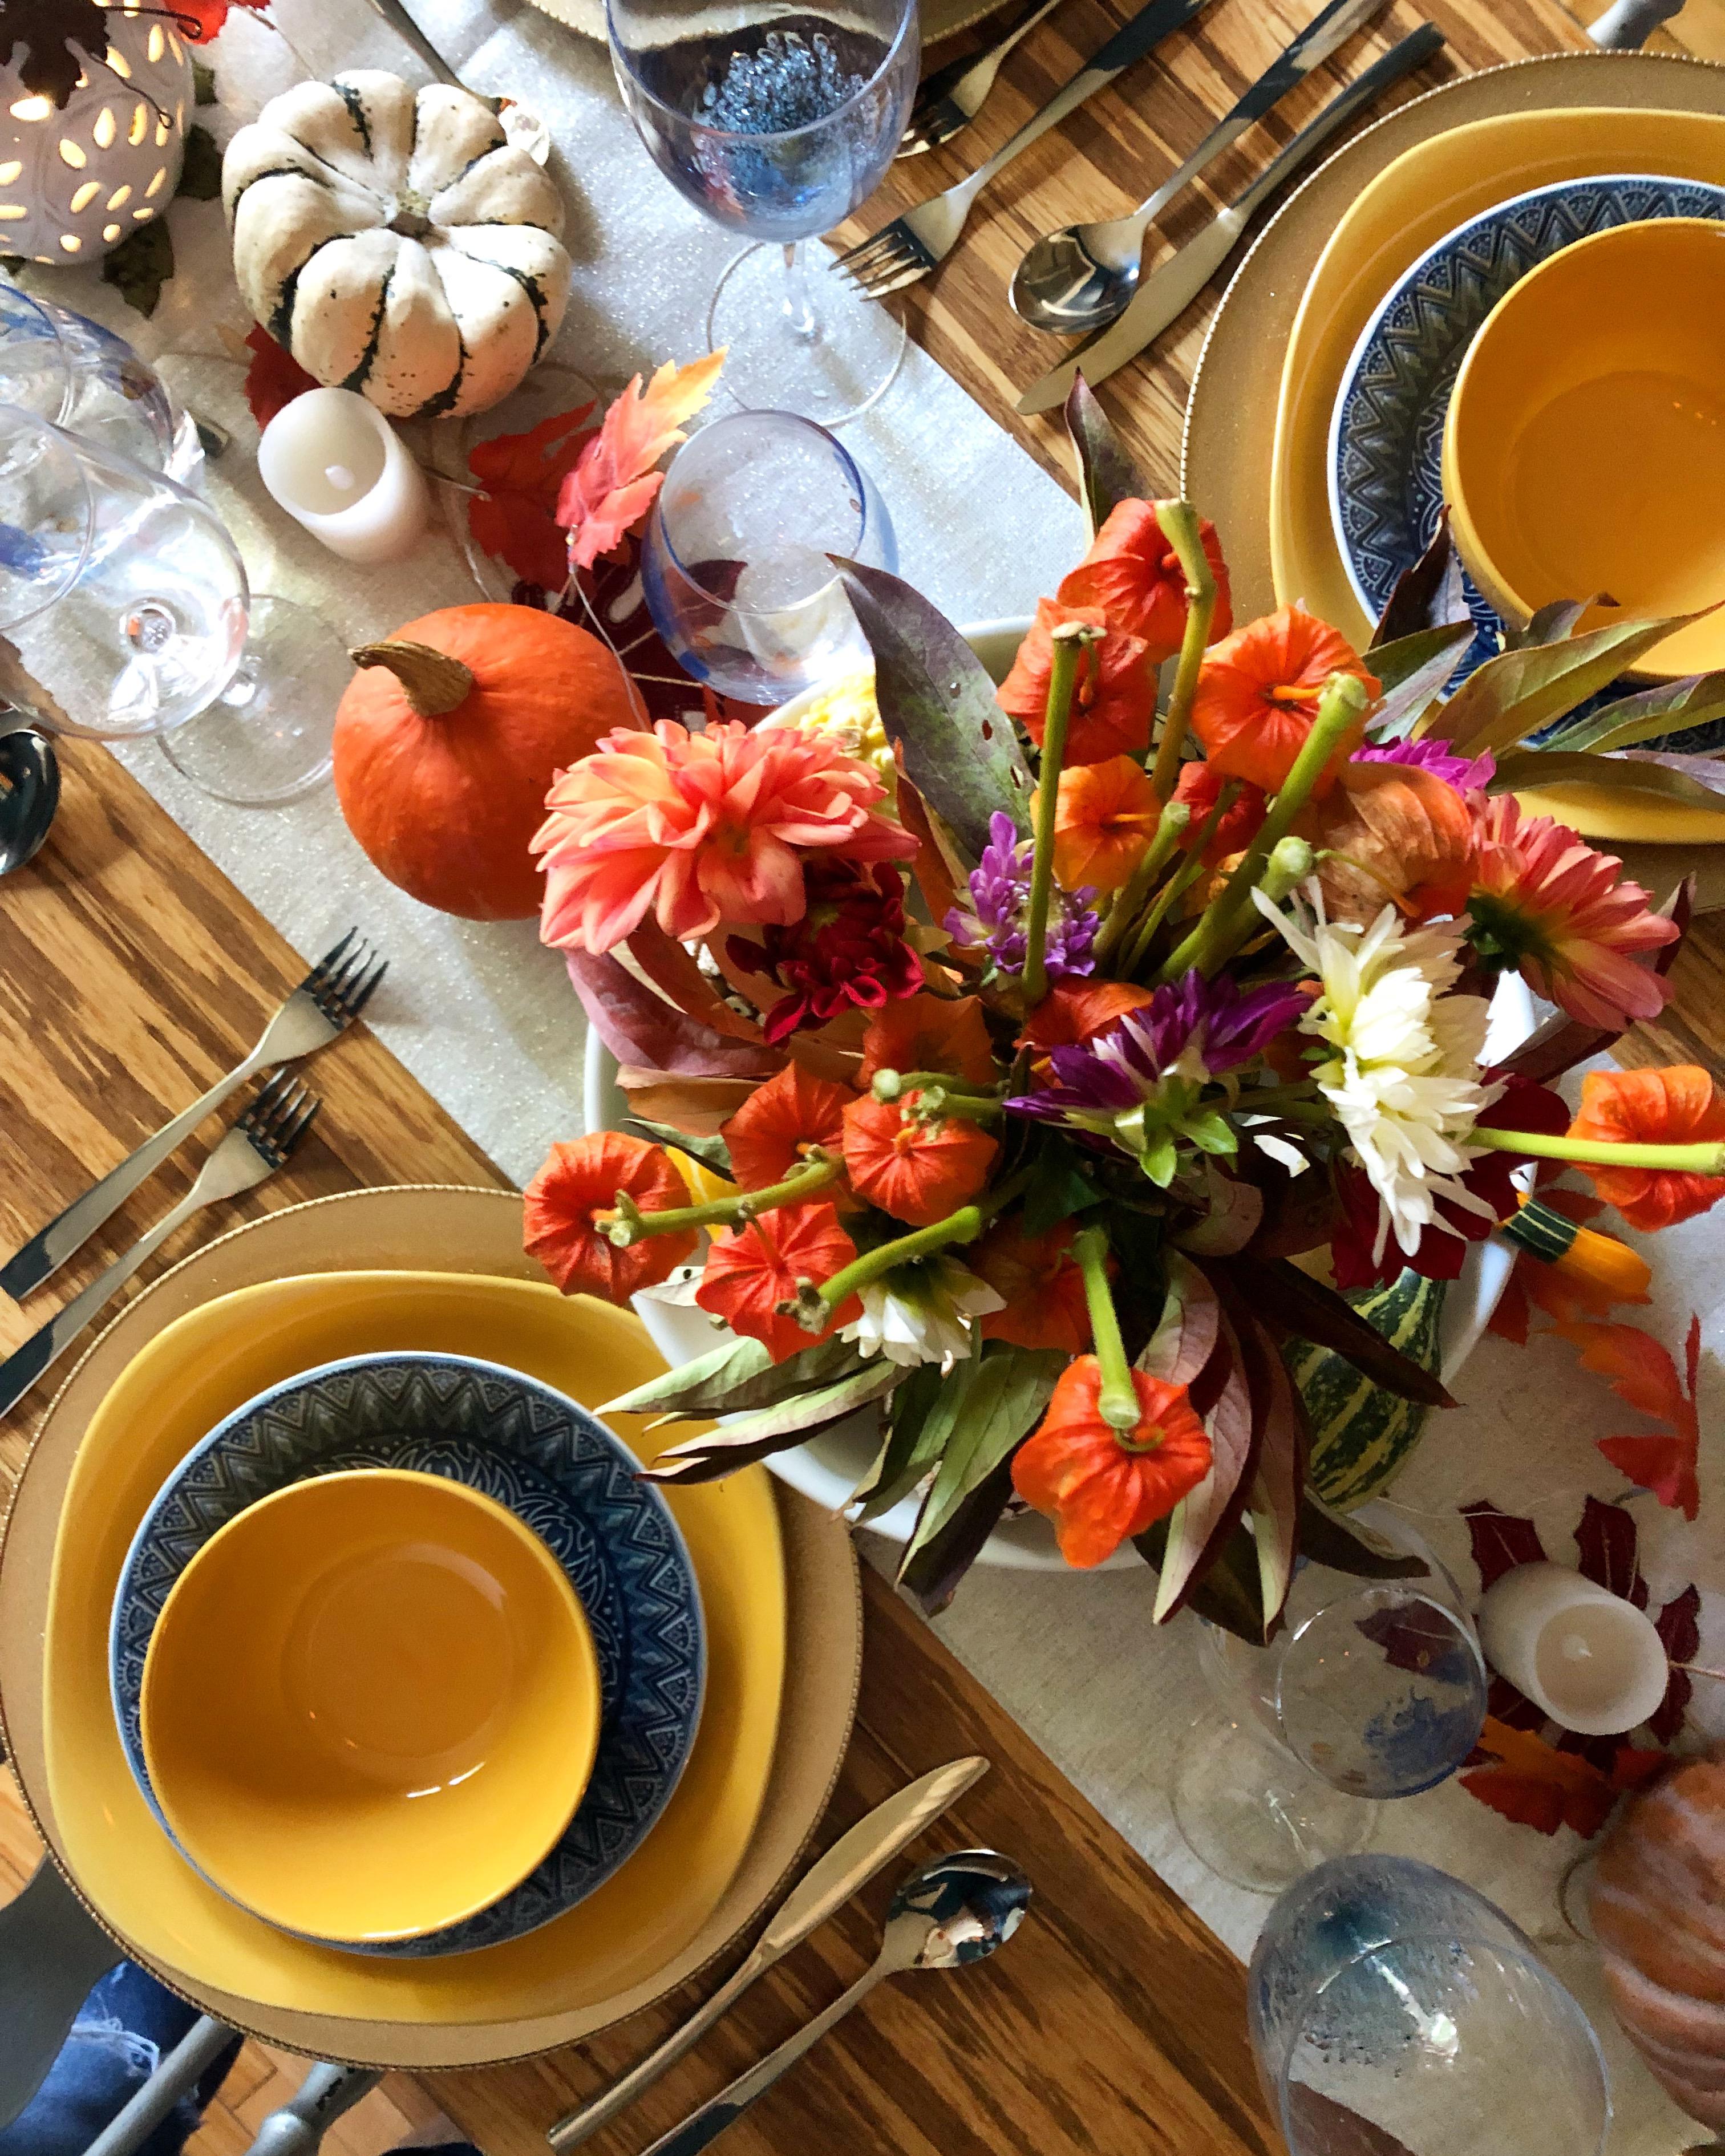 Comment dresser une table d automne parfaite – Inspiration fe74b4b68ada